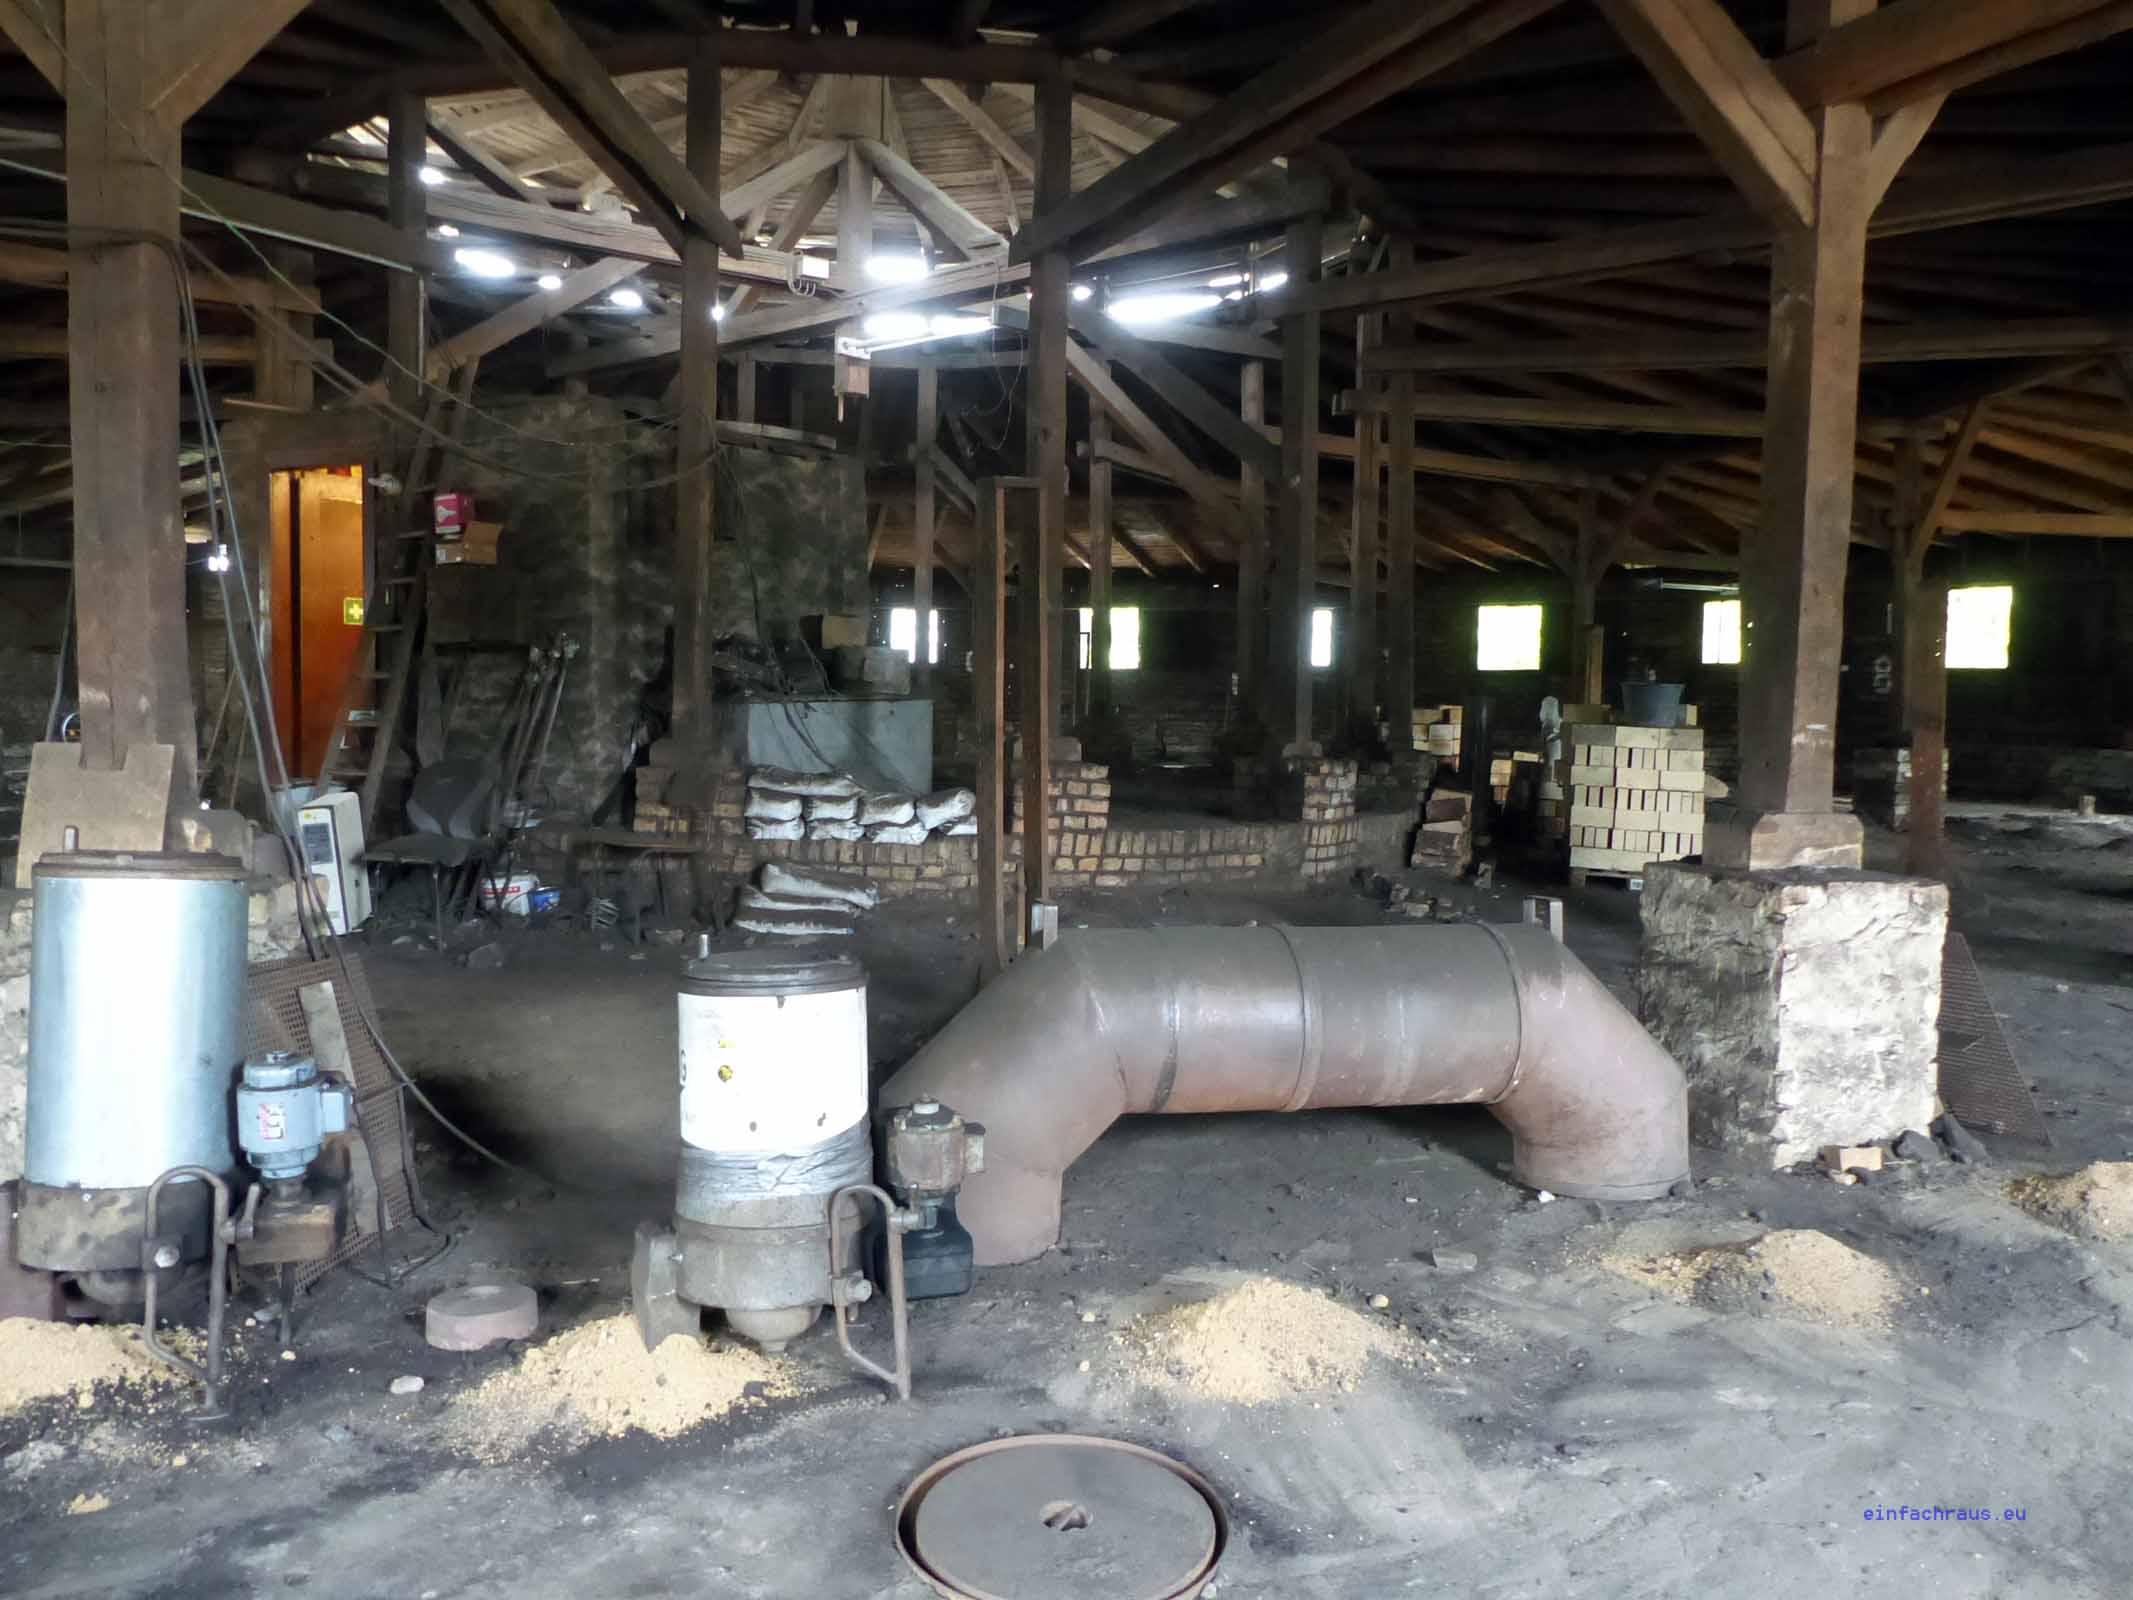 Durch die Luken wird der Braunkohlegries in die Brennkammern eingefüllt